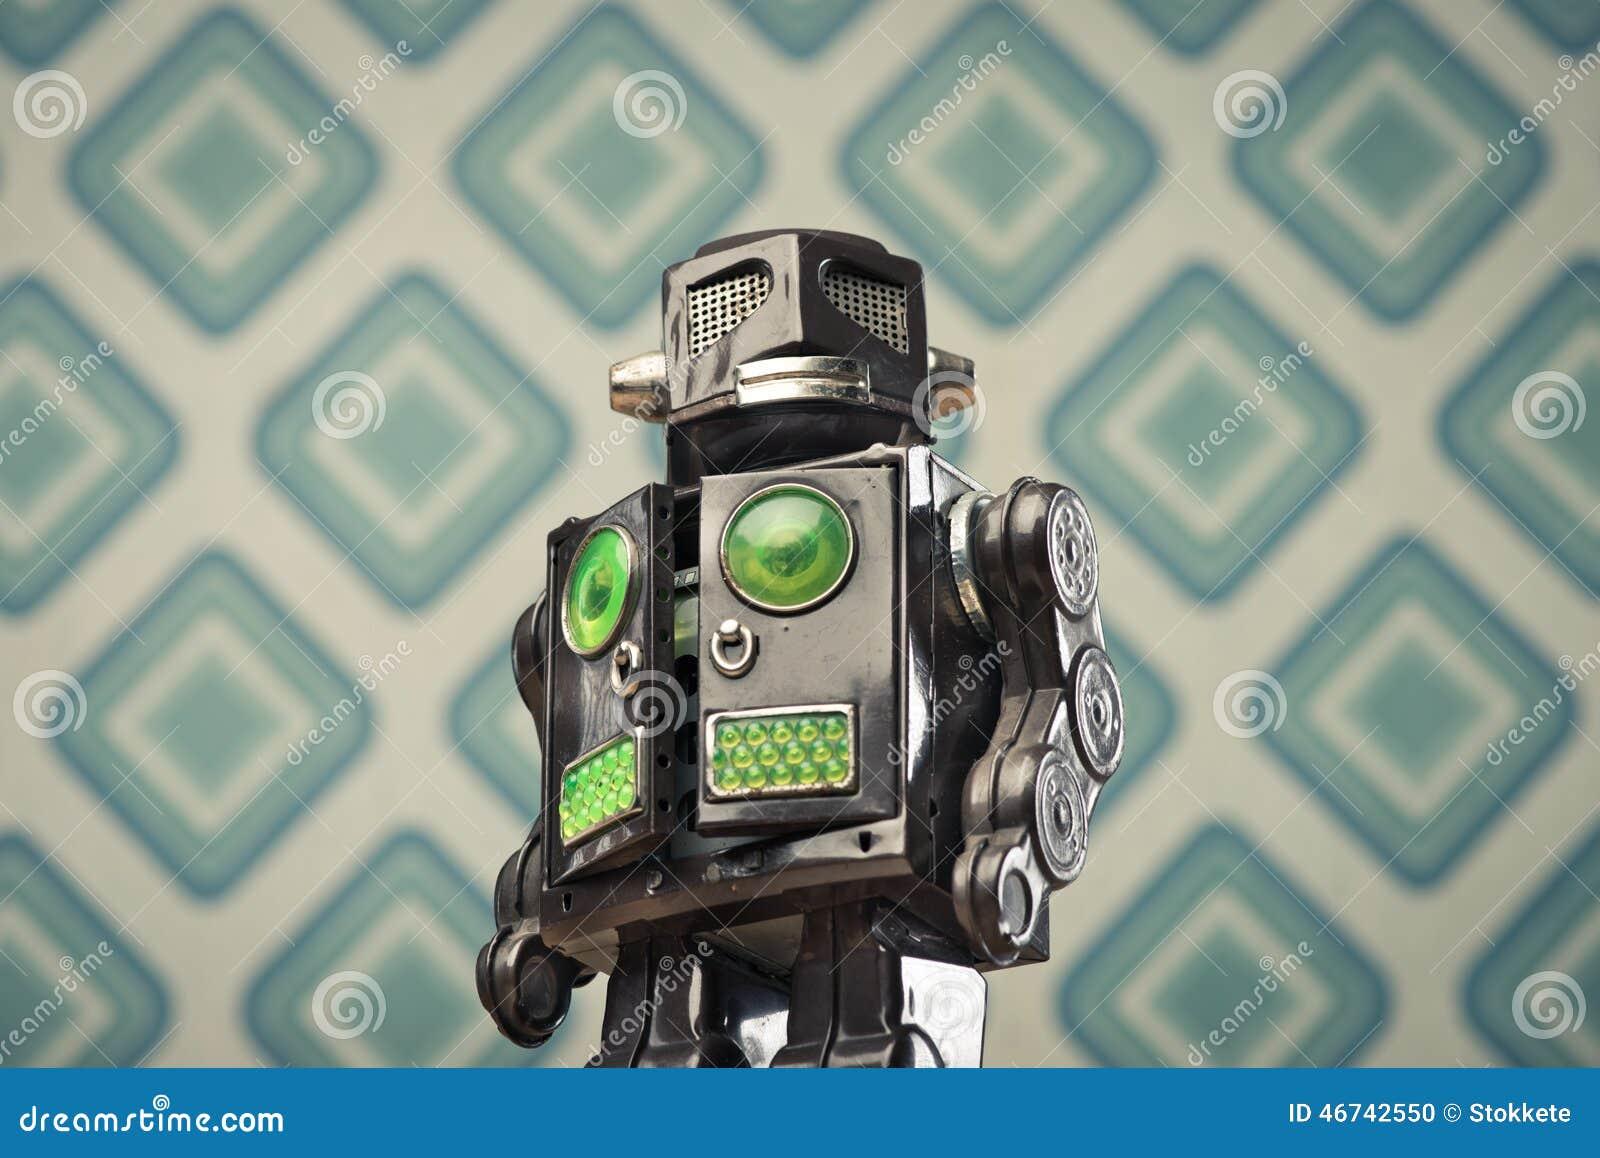 Vintage tin toy robot stock photo. Image of 1960s ...